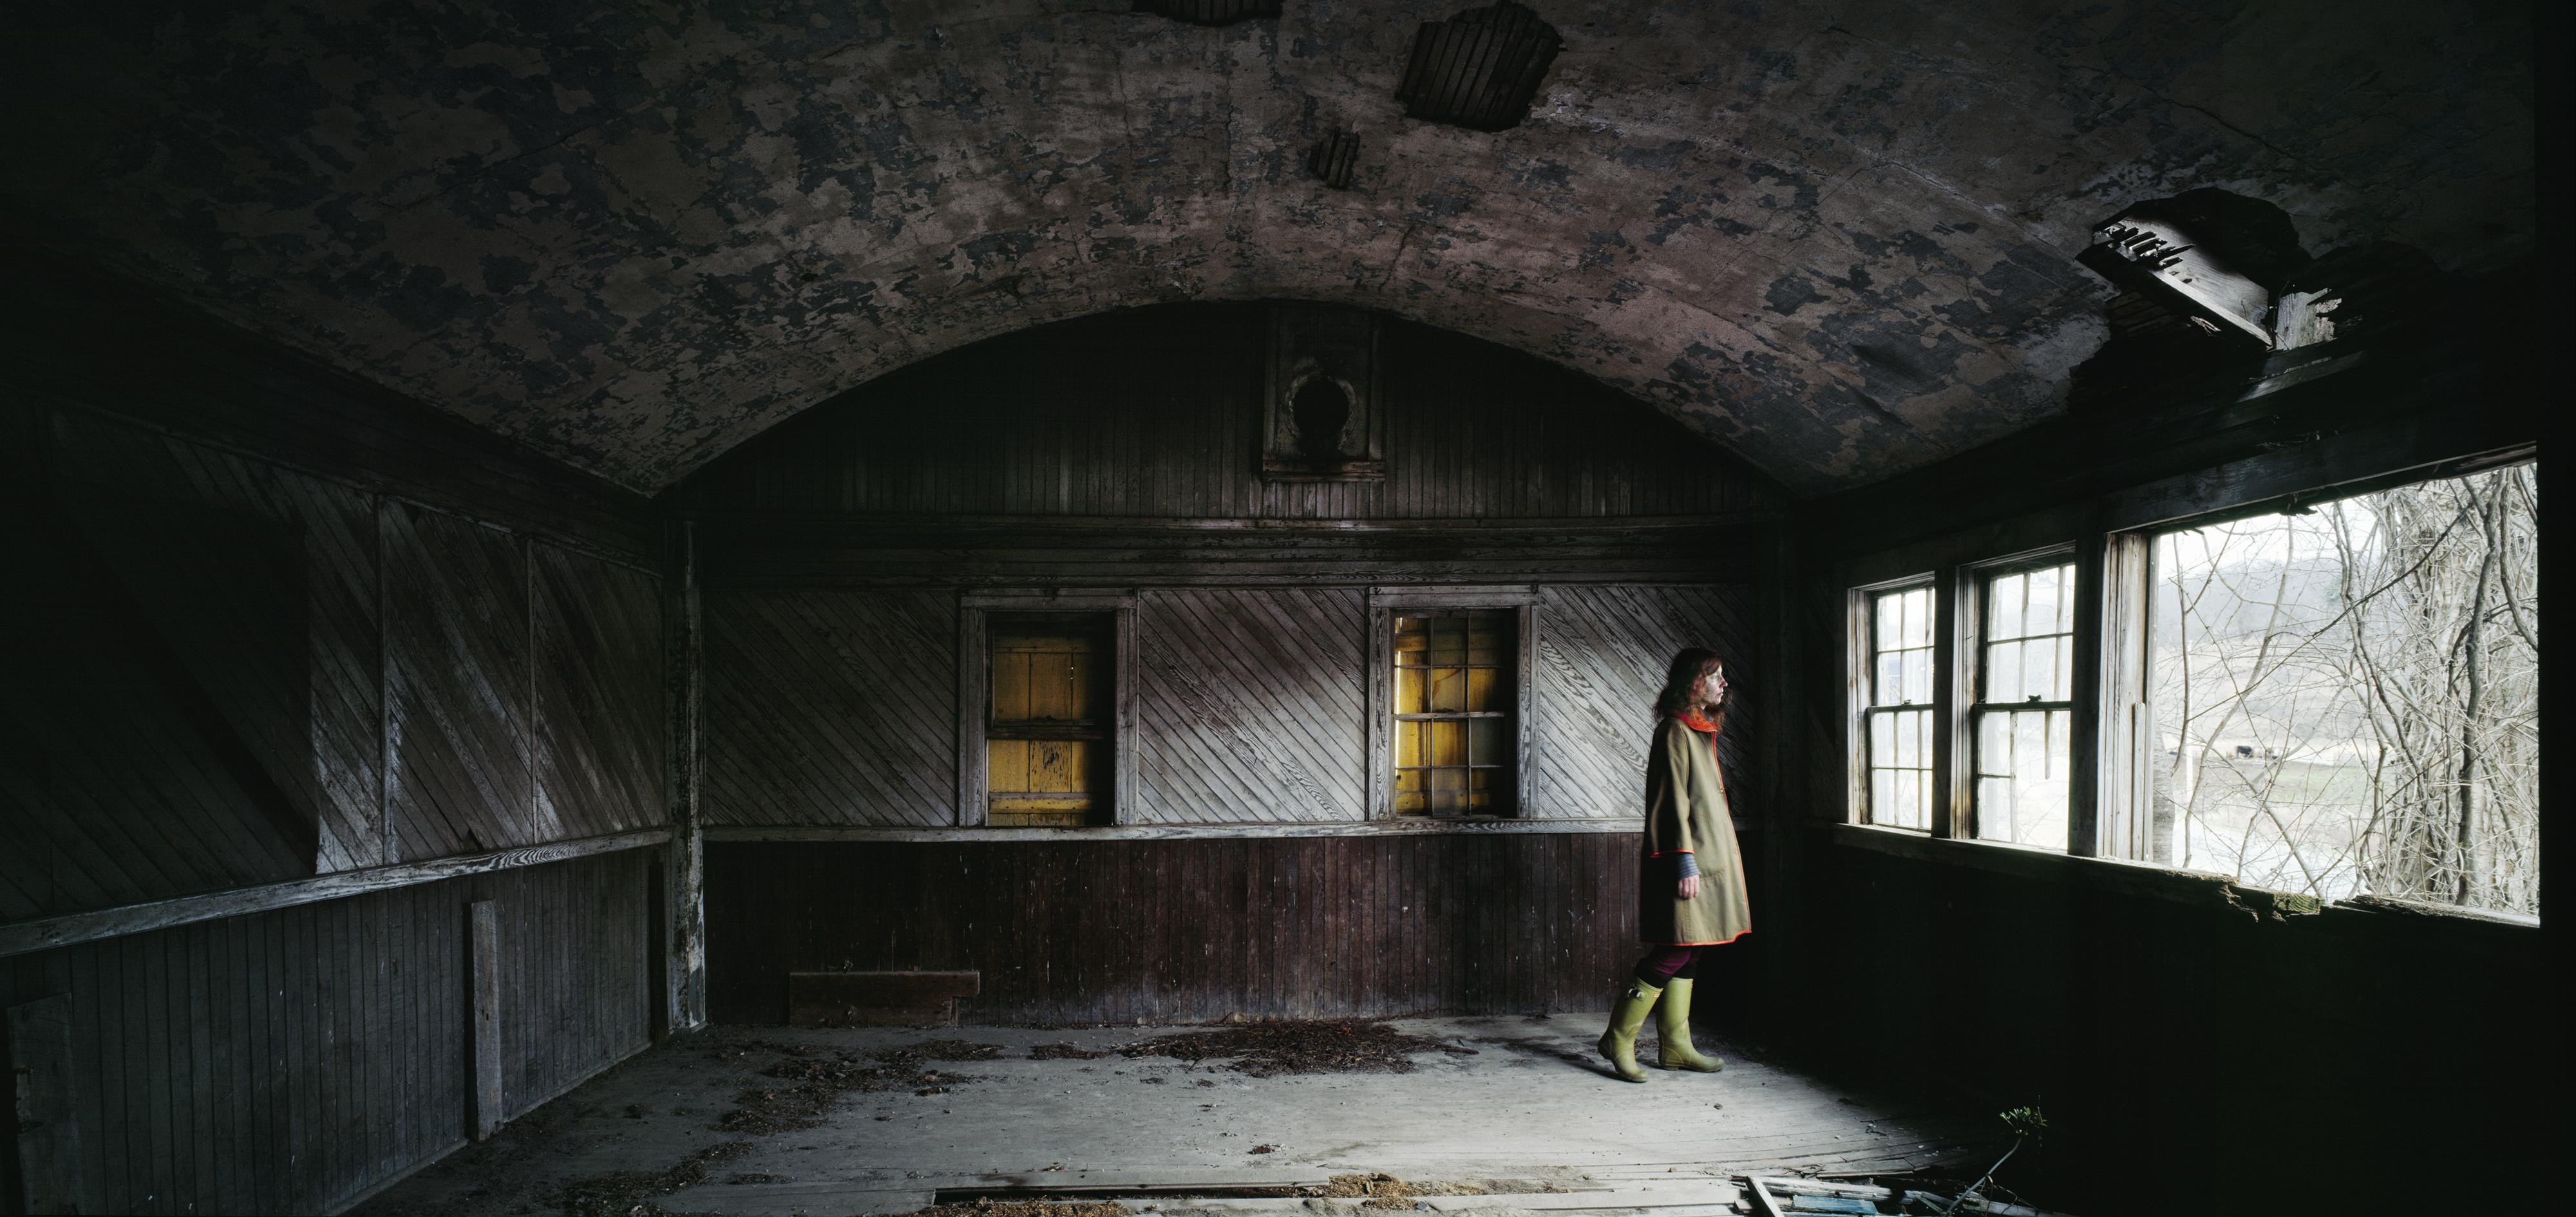 Figure In Window